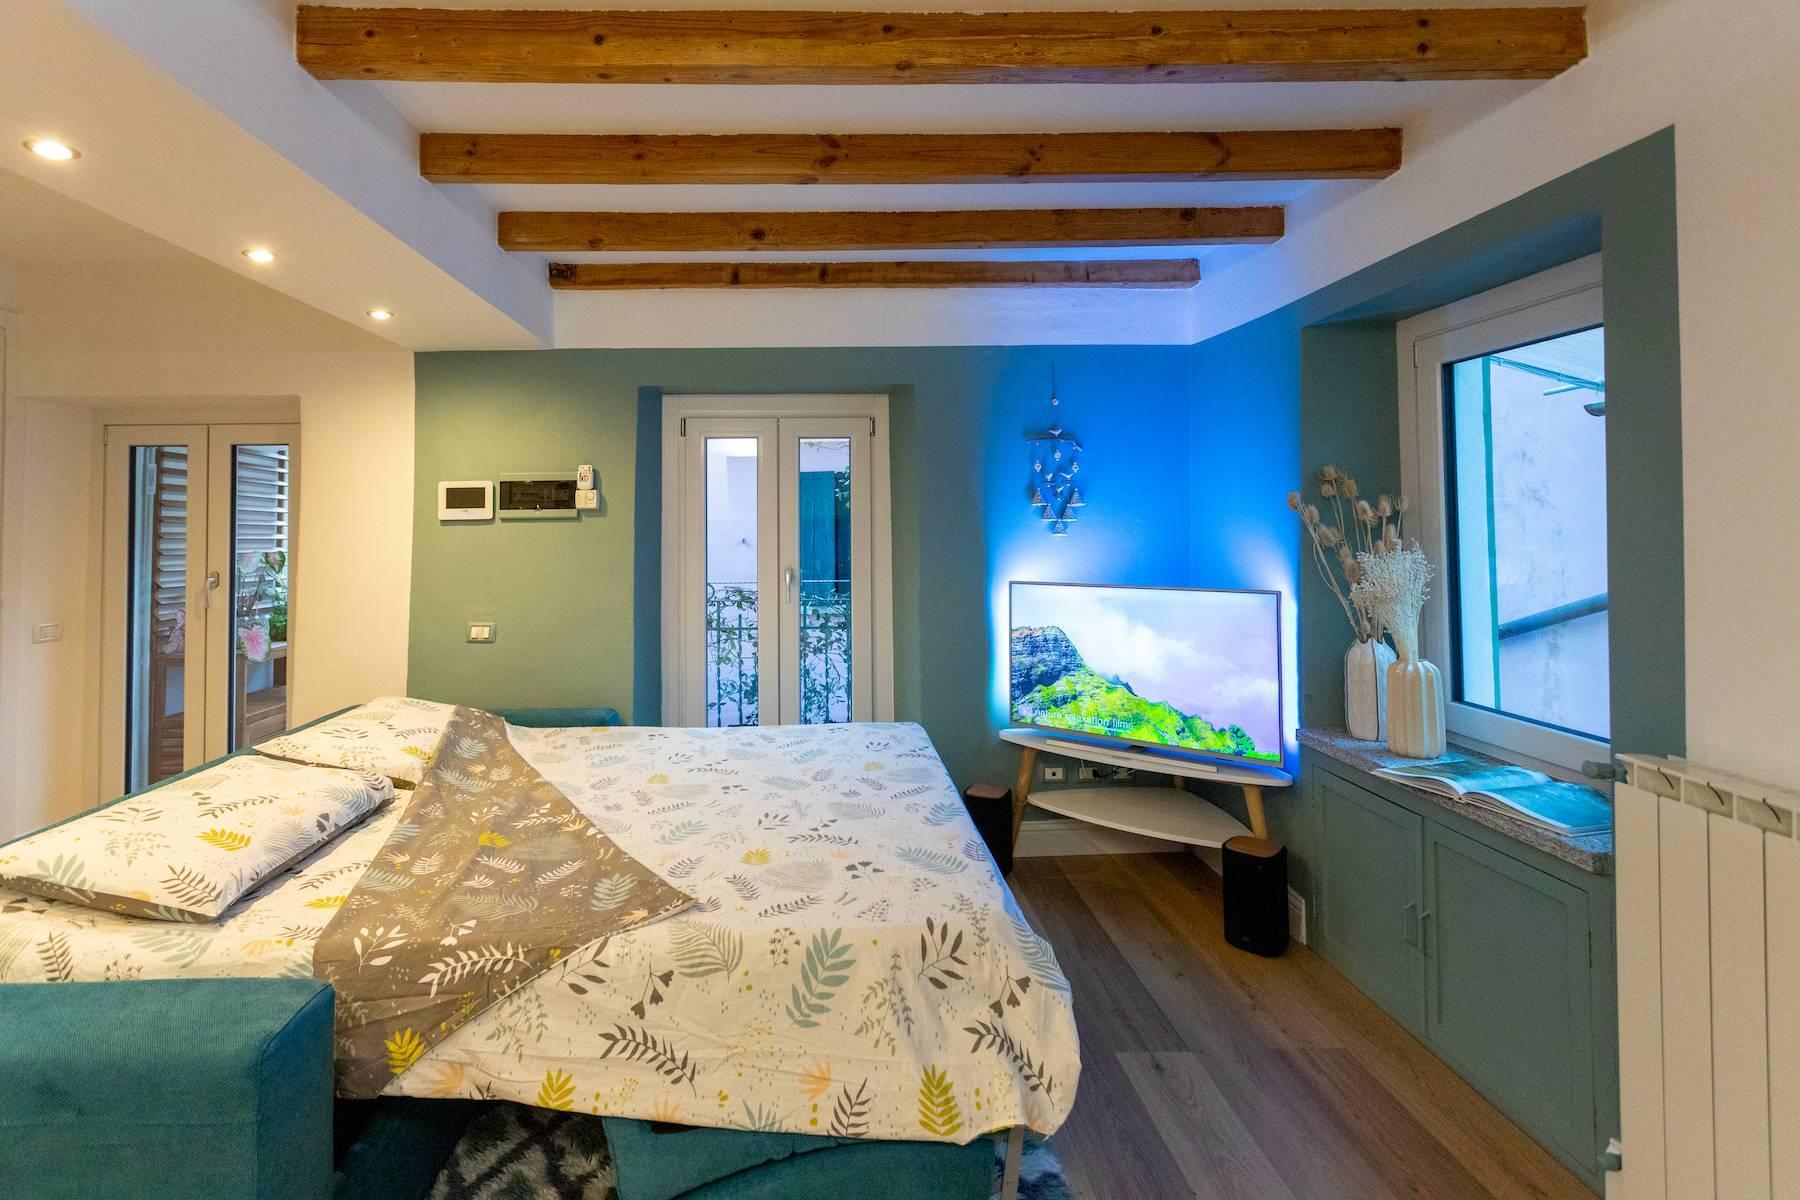 Appartamento accogliente a Belgirate con vista sul Lago Maggiore - 15